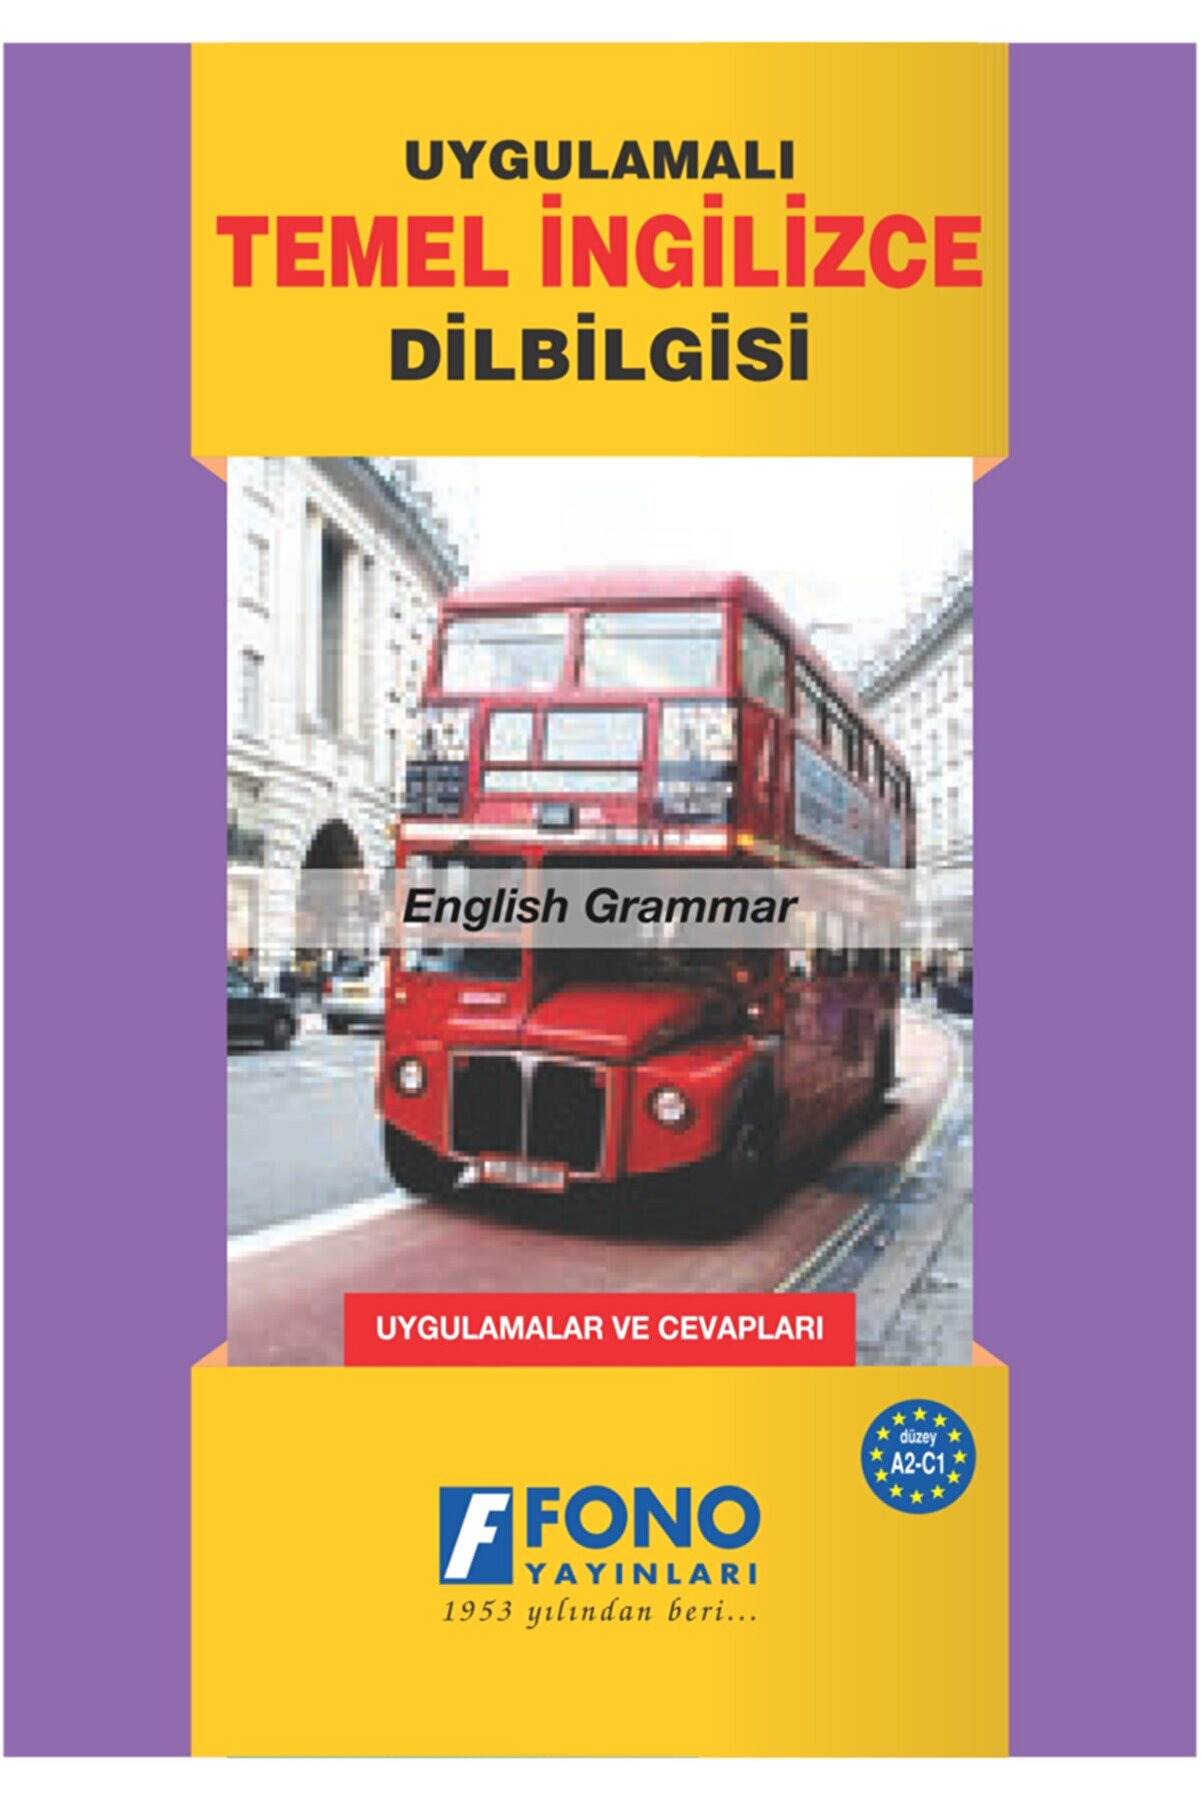 Fono Yayınları Uygulamalı Temel Ingilizce Dilbilgisi (Güncellenmiş Son Baskı)